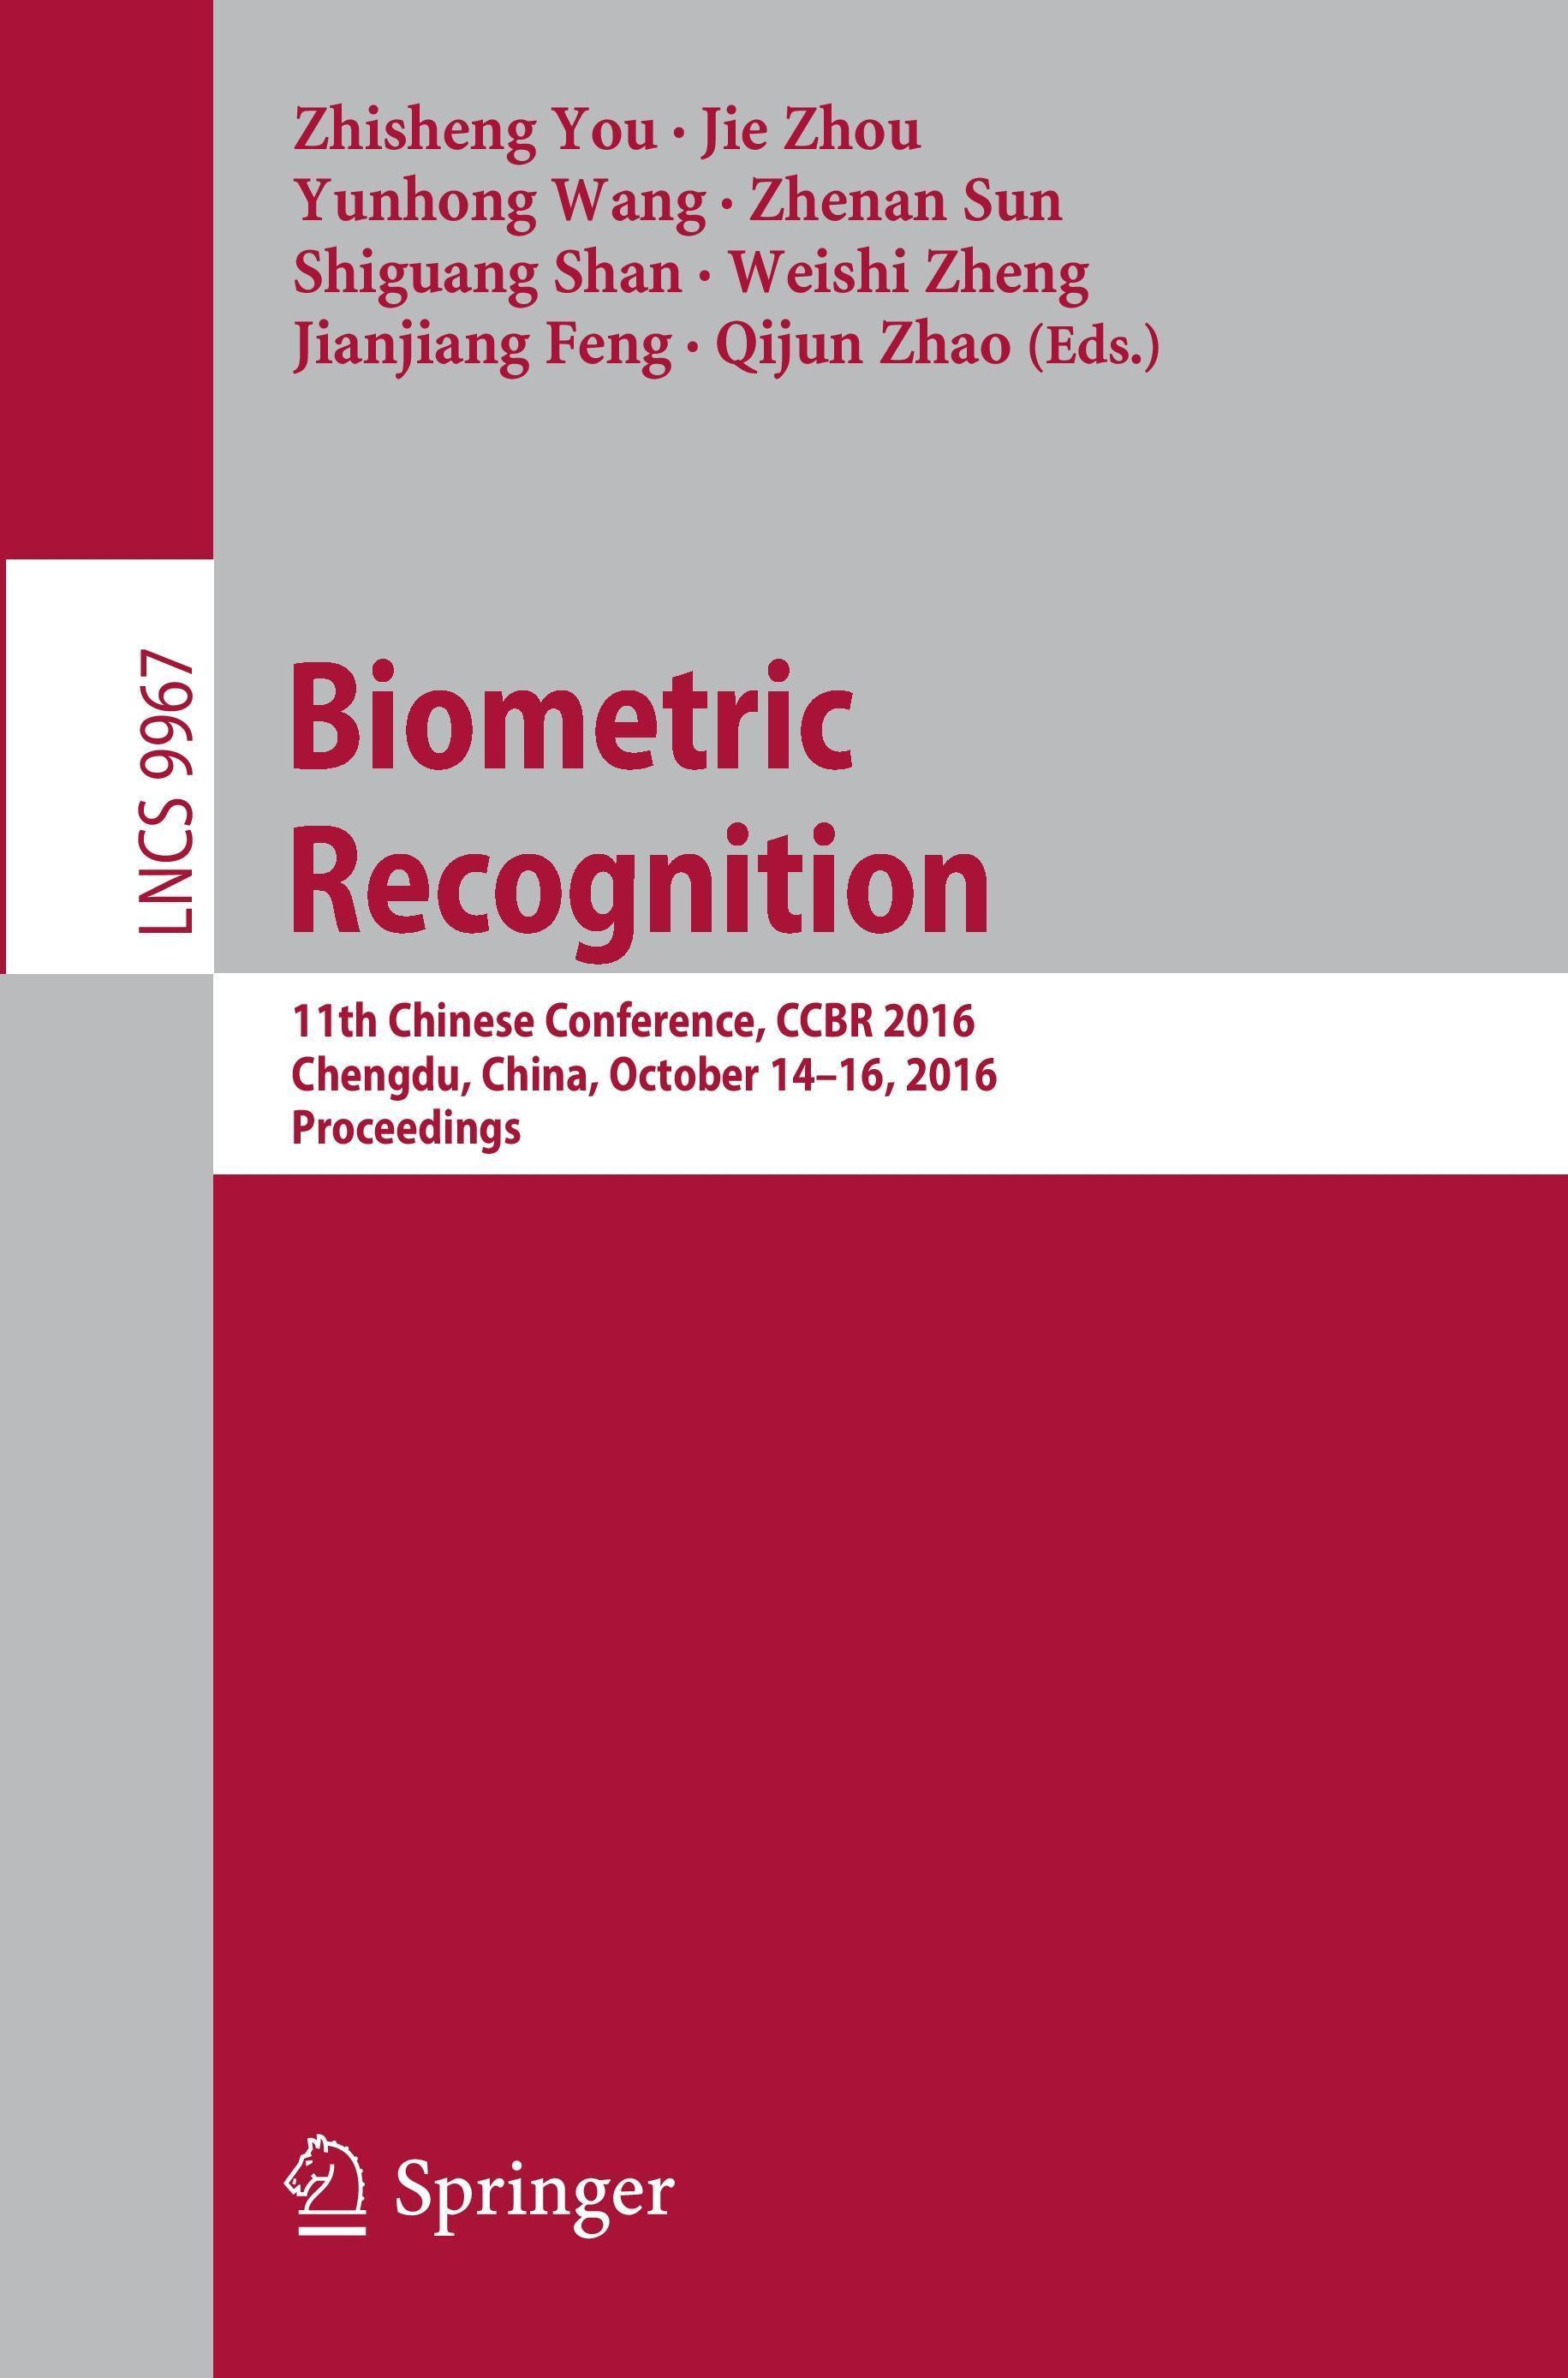 Biometric Recognition Zhisheng You